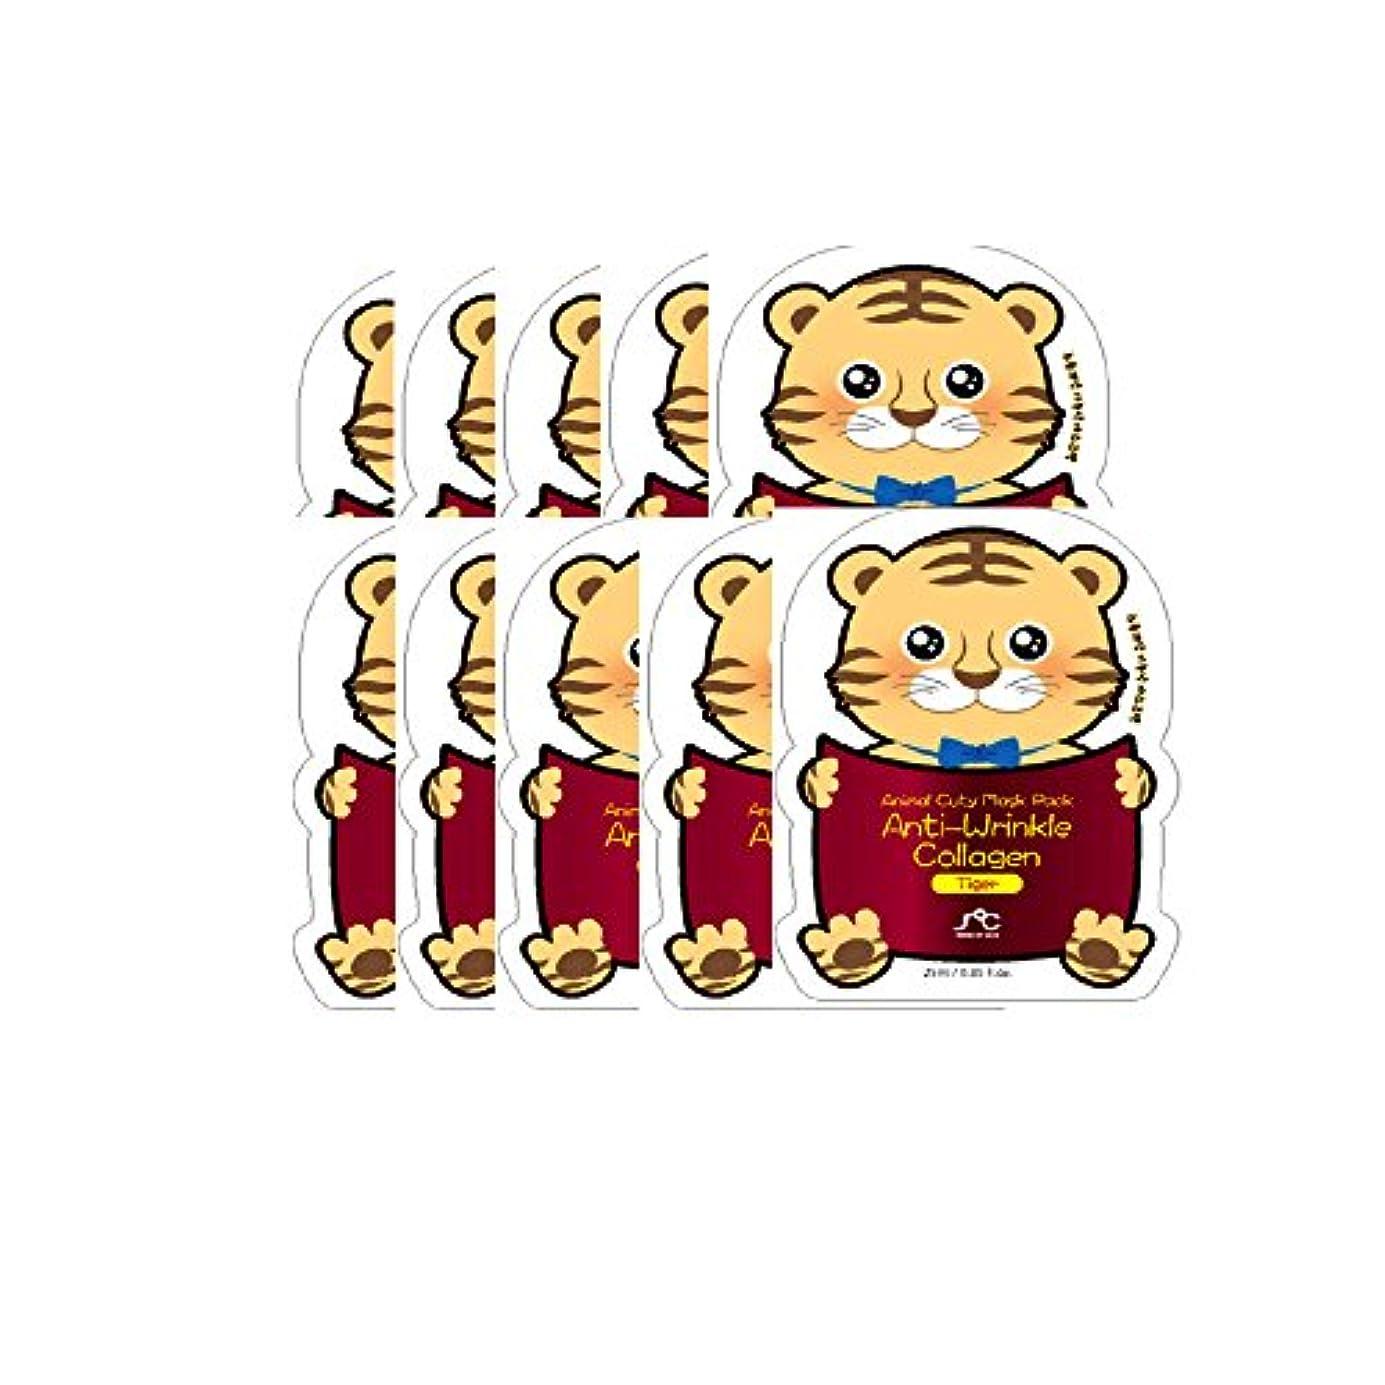 真向こう一生城Asamo 動物キューティーマスクパックアンチリンクルコラーゲンタイガー(10枚)